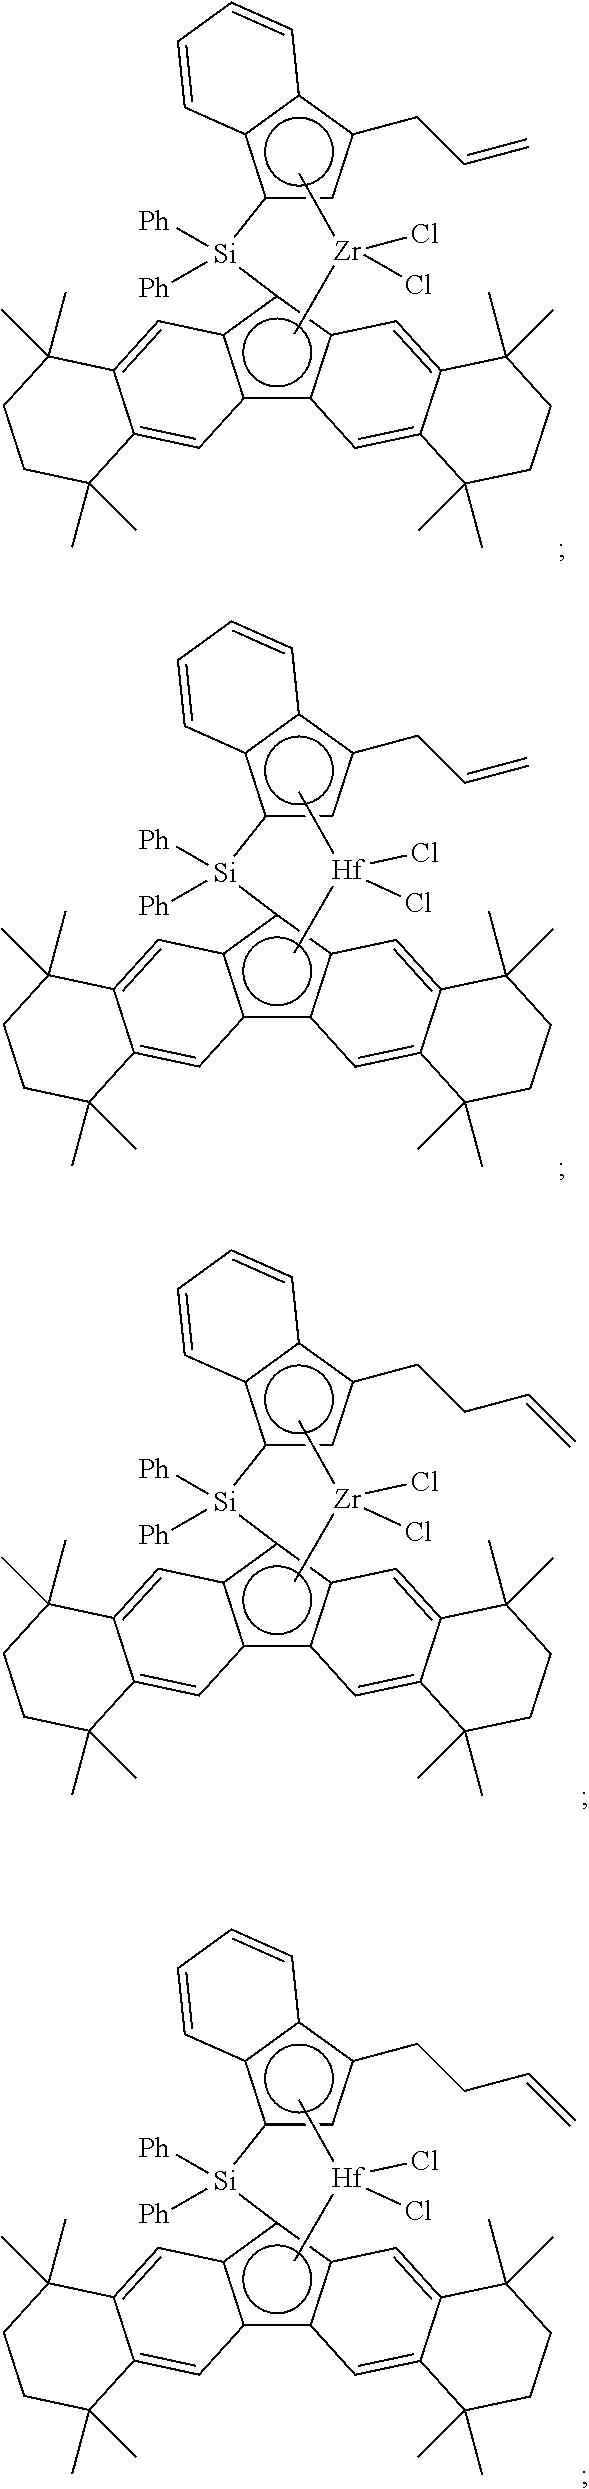 Figure US08431729-20130430-C00009